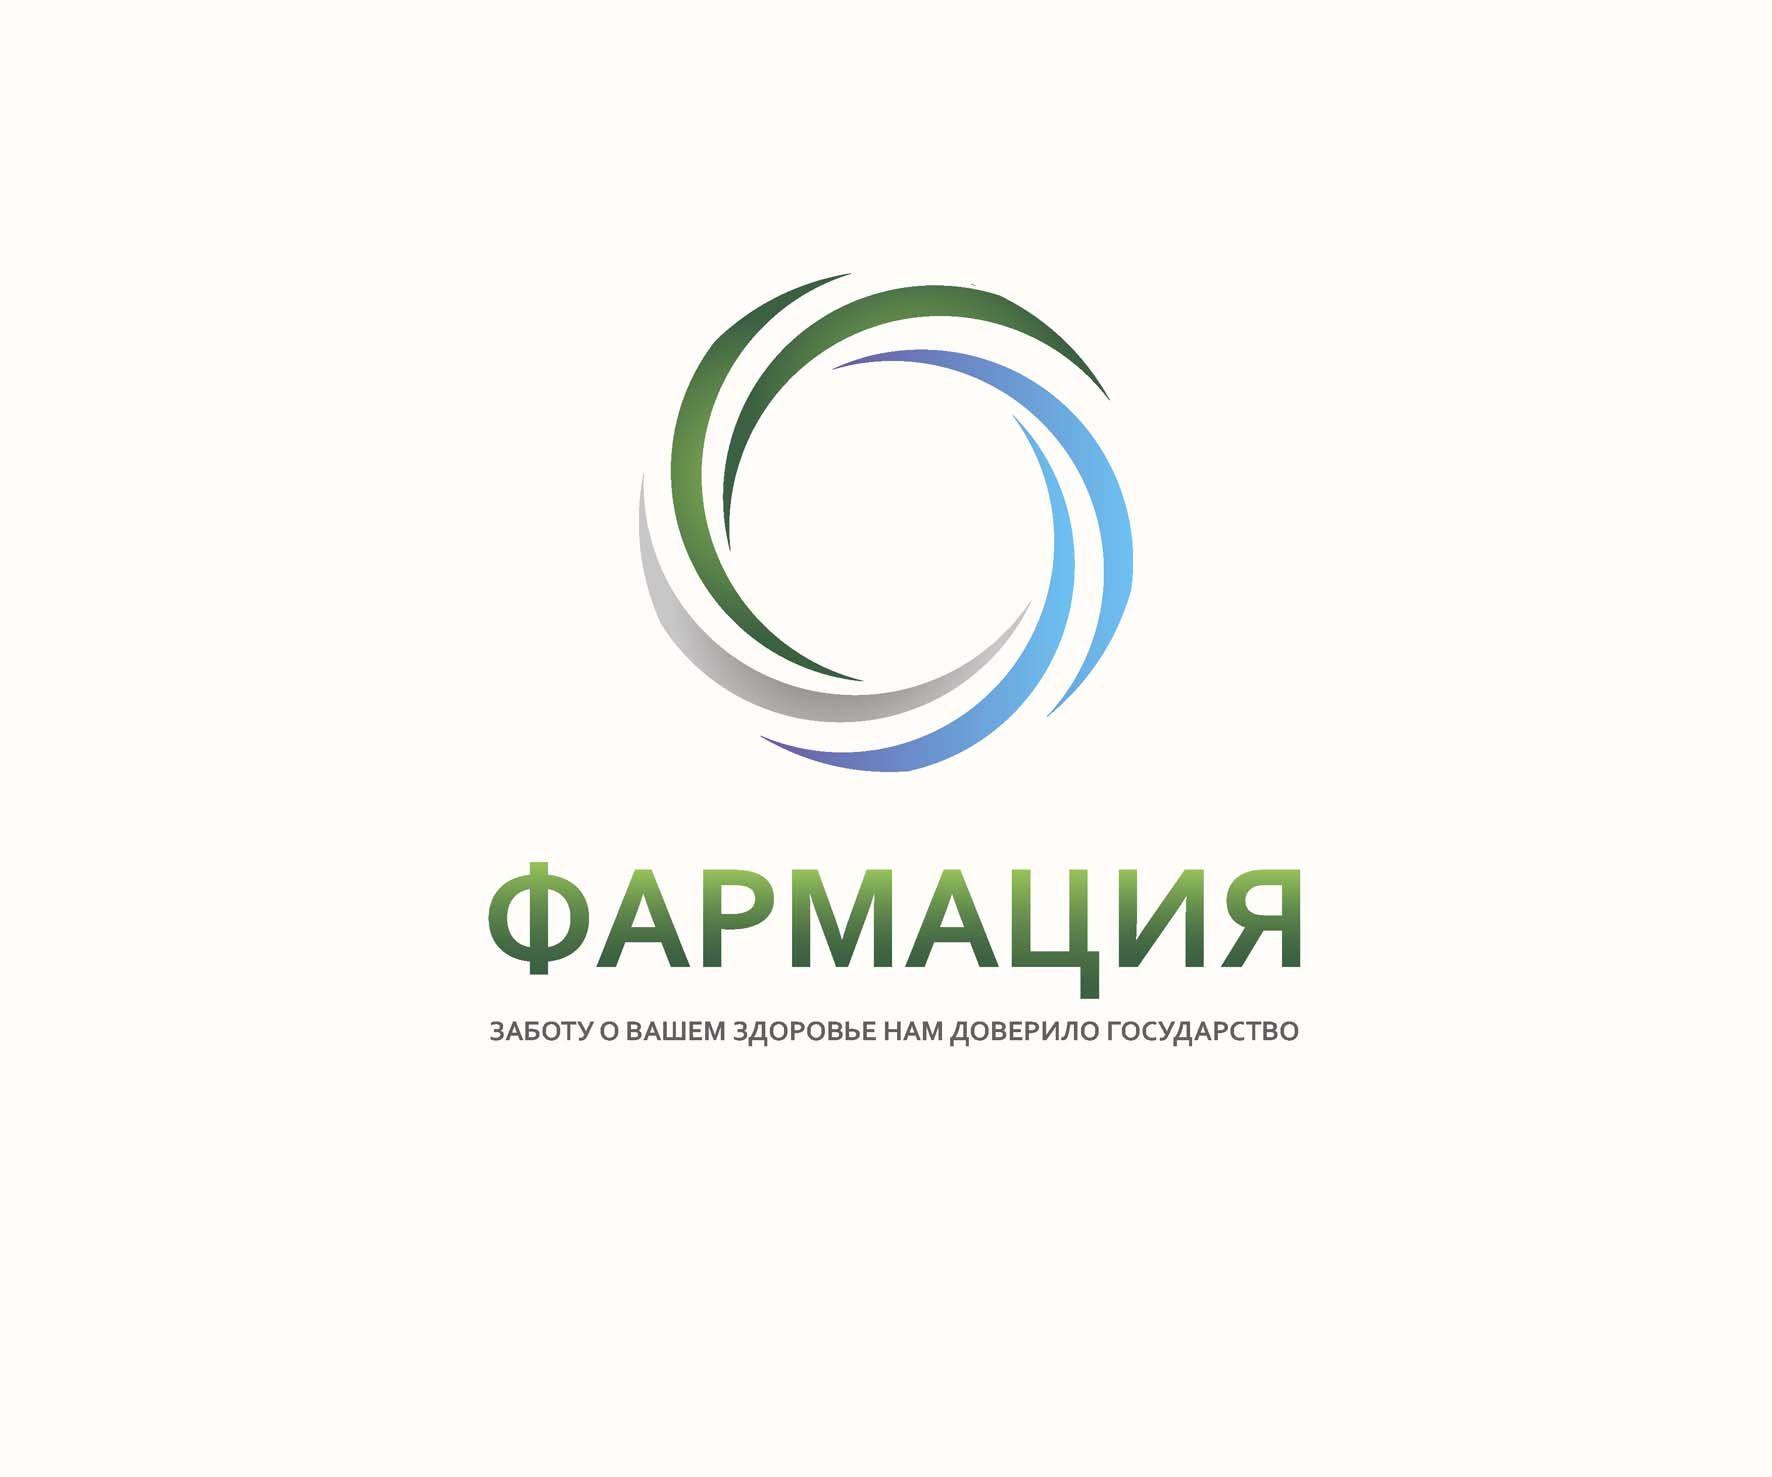 Логотип для государственной аптеки - дизайнер natallia_harbuz